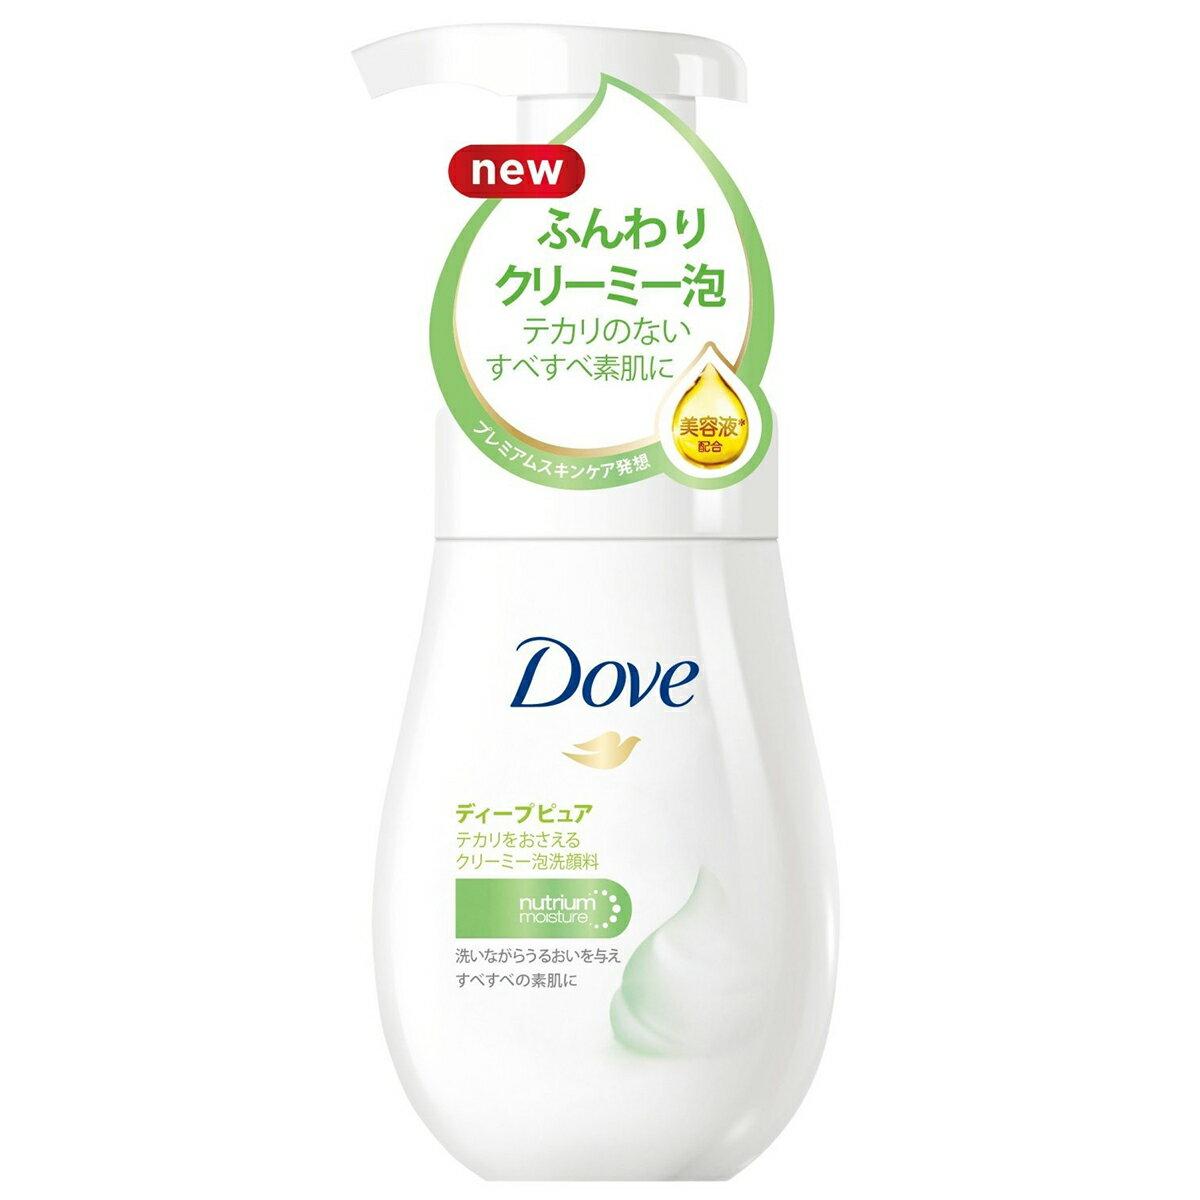 【本日楽天ポイント5倍相当】ユニリーバ・ジャパン株式会社Dove(ダヴ) ディープピュア クリーミー泡洗顔料[本体ポンプ]160ml<テカリをおさえる><みずみずしいフローラルの香り>(この商品は注文後のキャンセルができません)